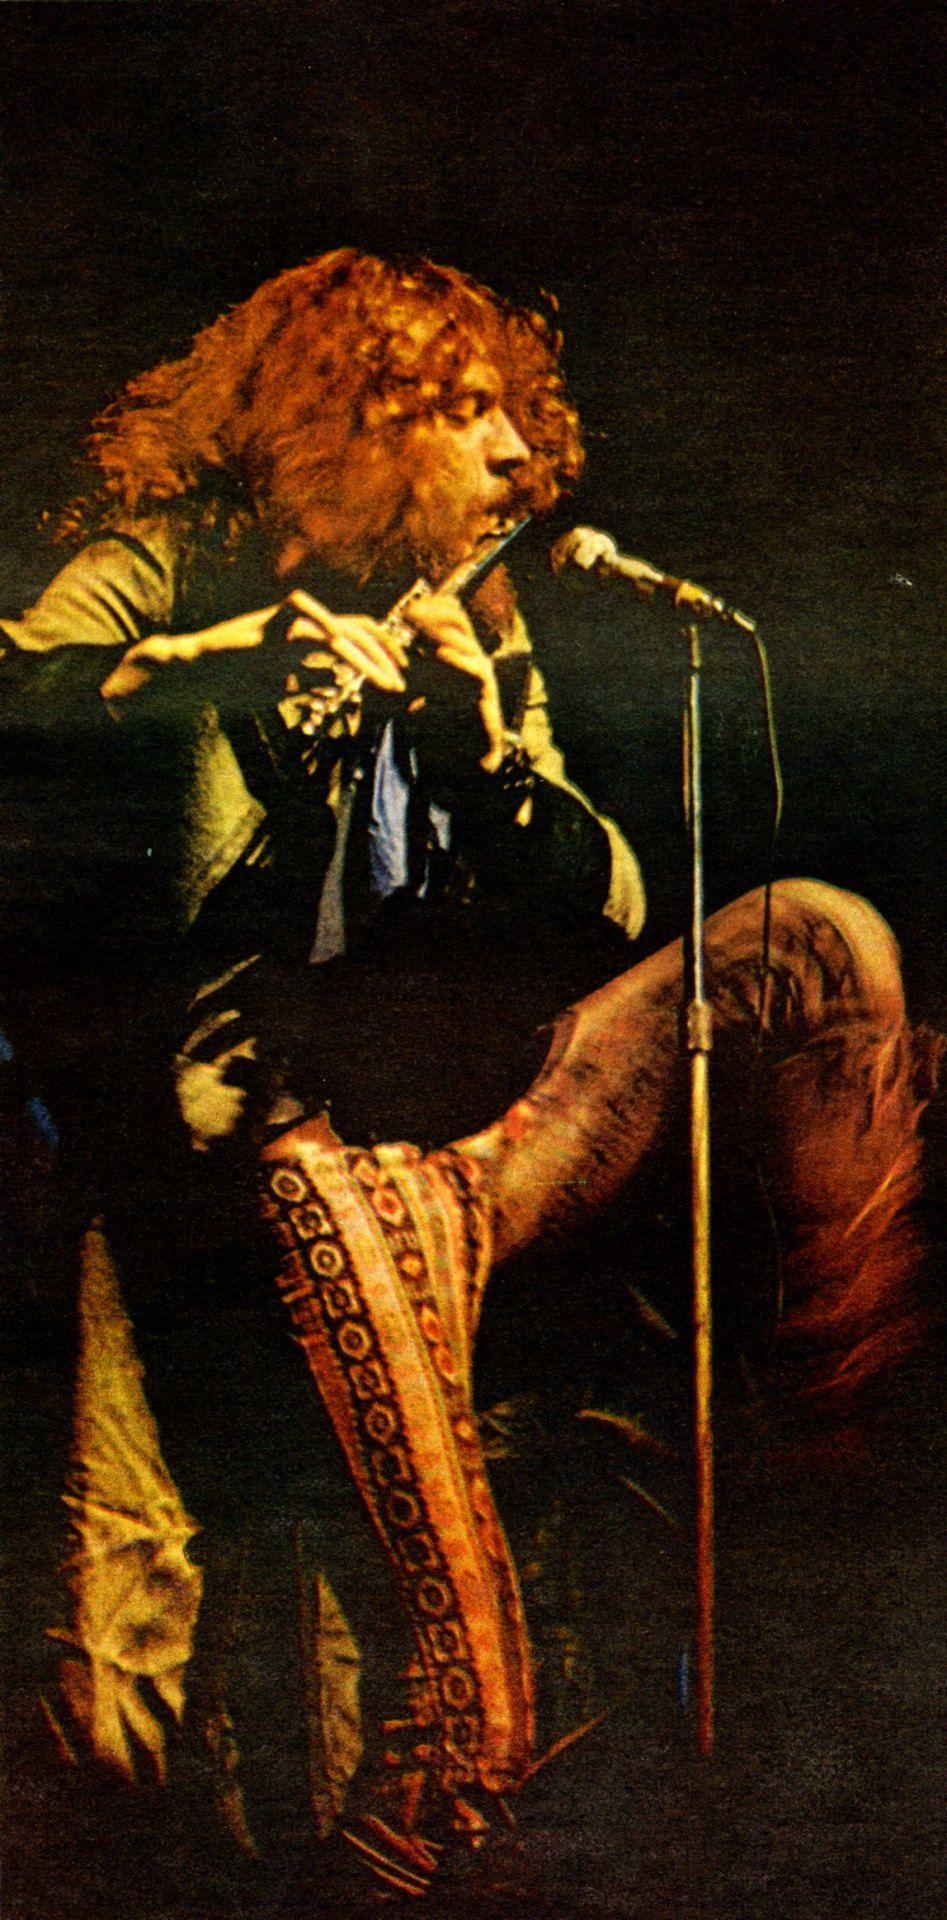 Ian Anderson Famous Musicians Jethro Tull Progressive Rock